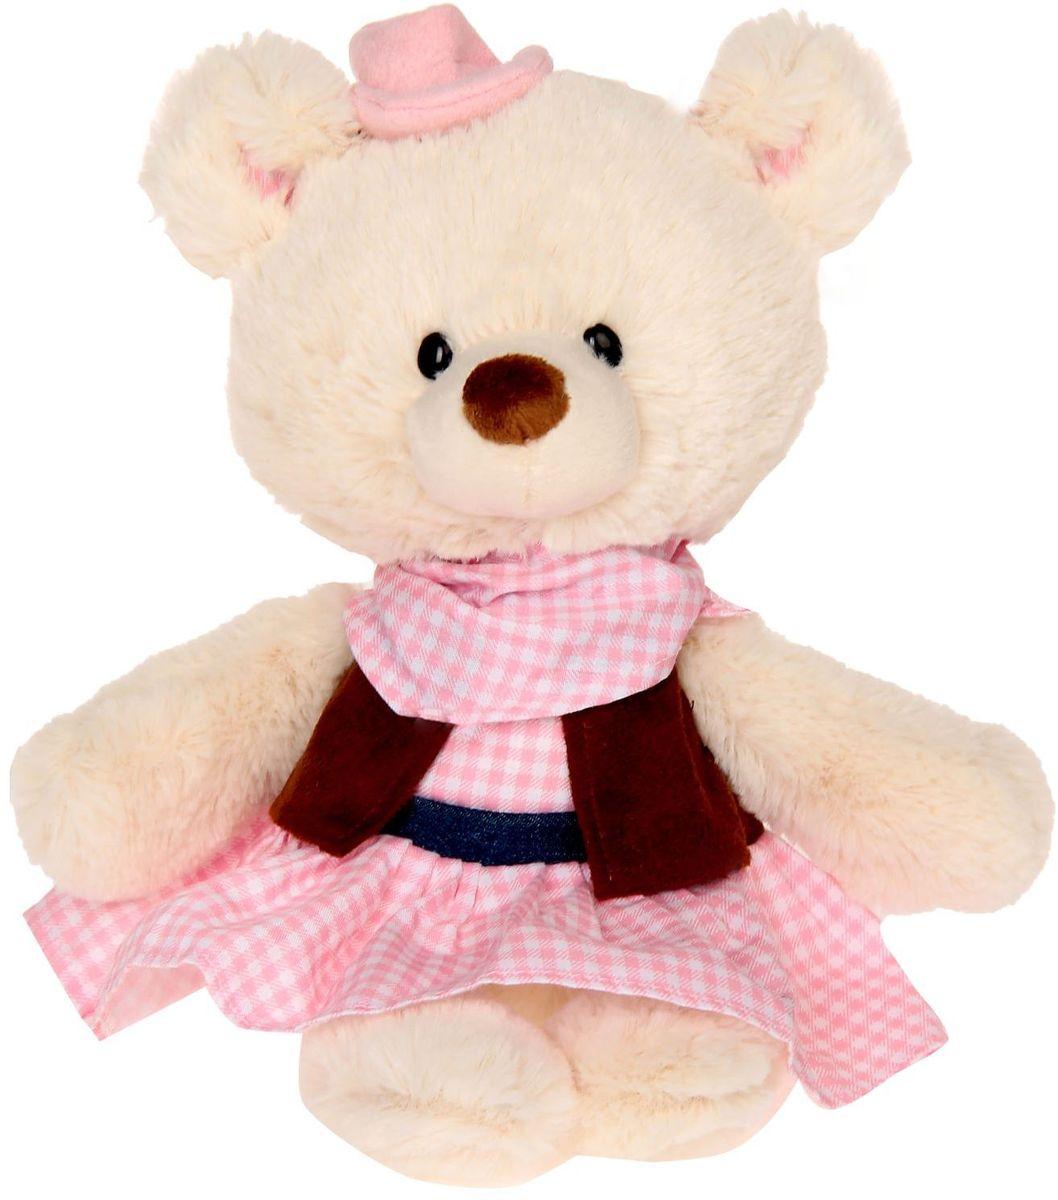 Gund Мягкая игрушка Медведь Dandi 33 см 2245480 малышарики мягкая игрушка собака бассет хаунд 23 см